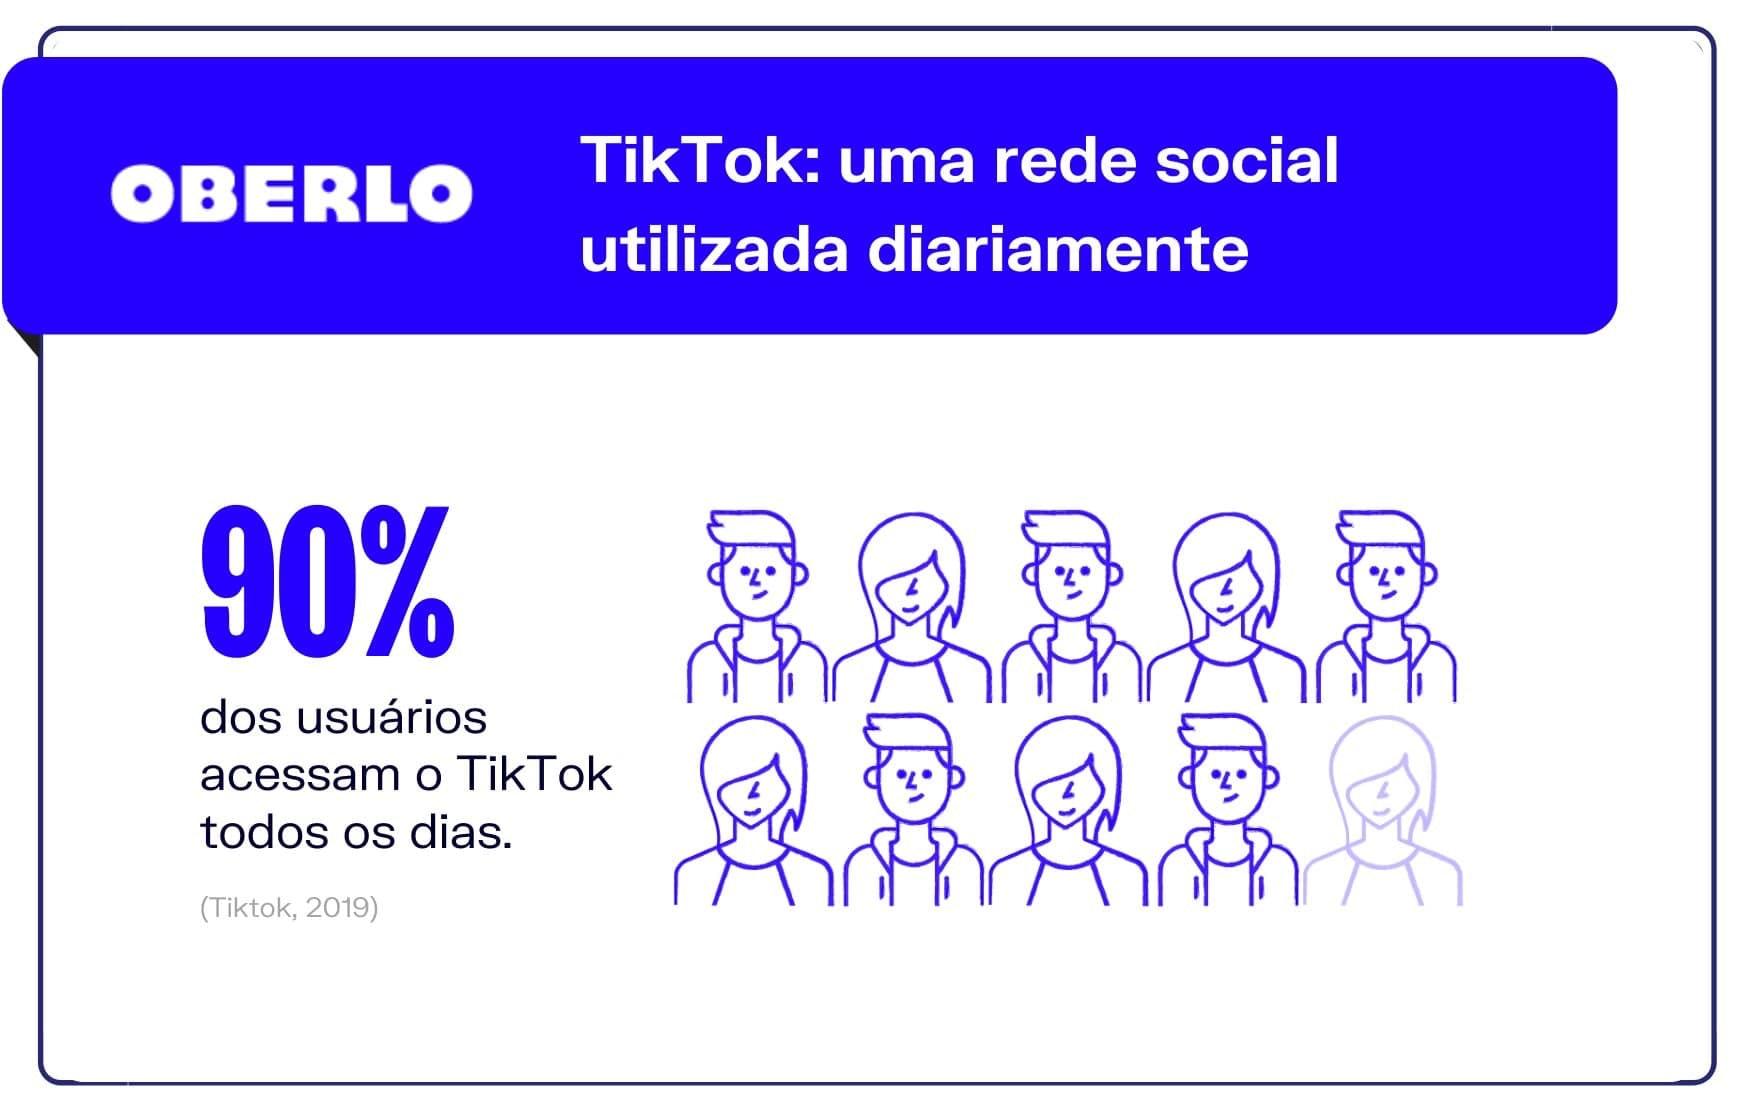 TikTok está entre as principais redes sociais utilizadas diariamente